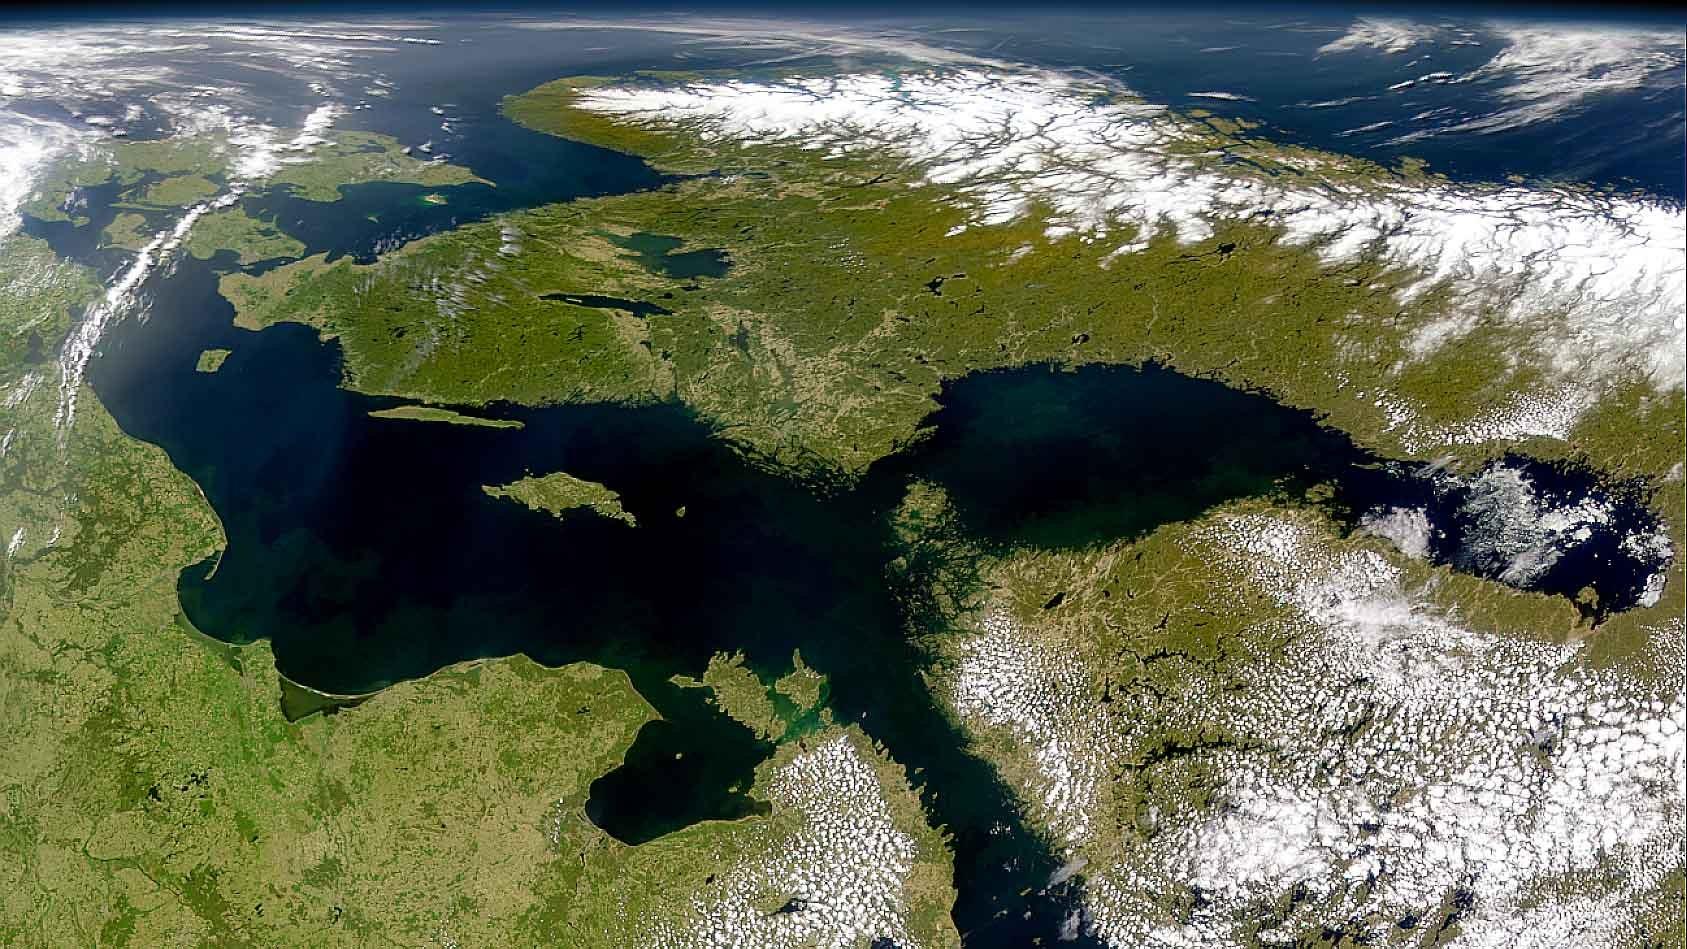 Beispielloser Sauerstoffmangel: Todeszone in der Ostsee verschlimmert sich